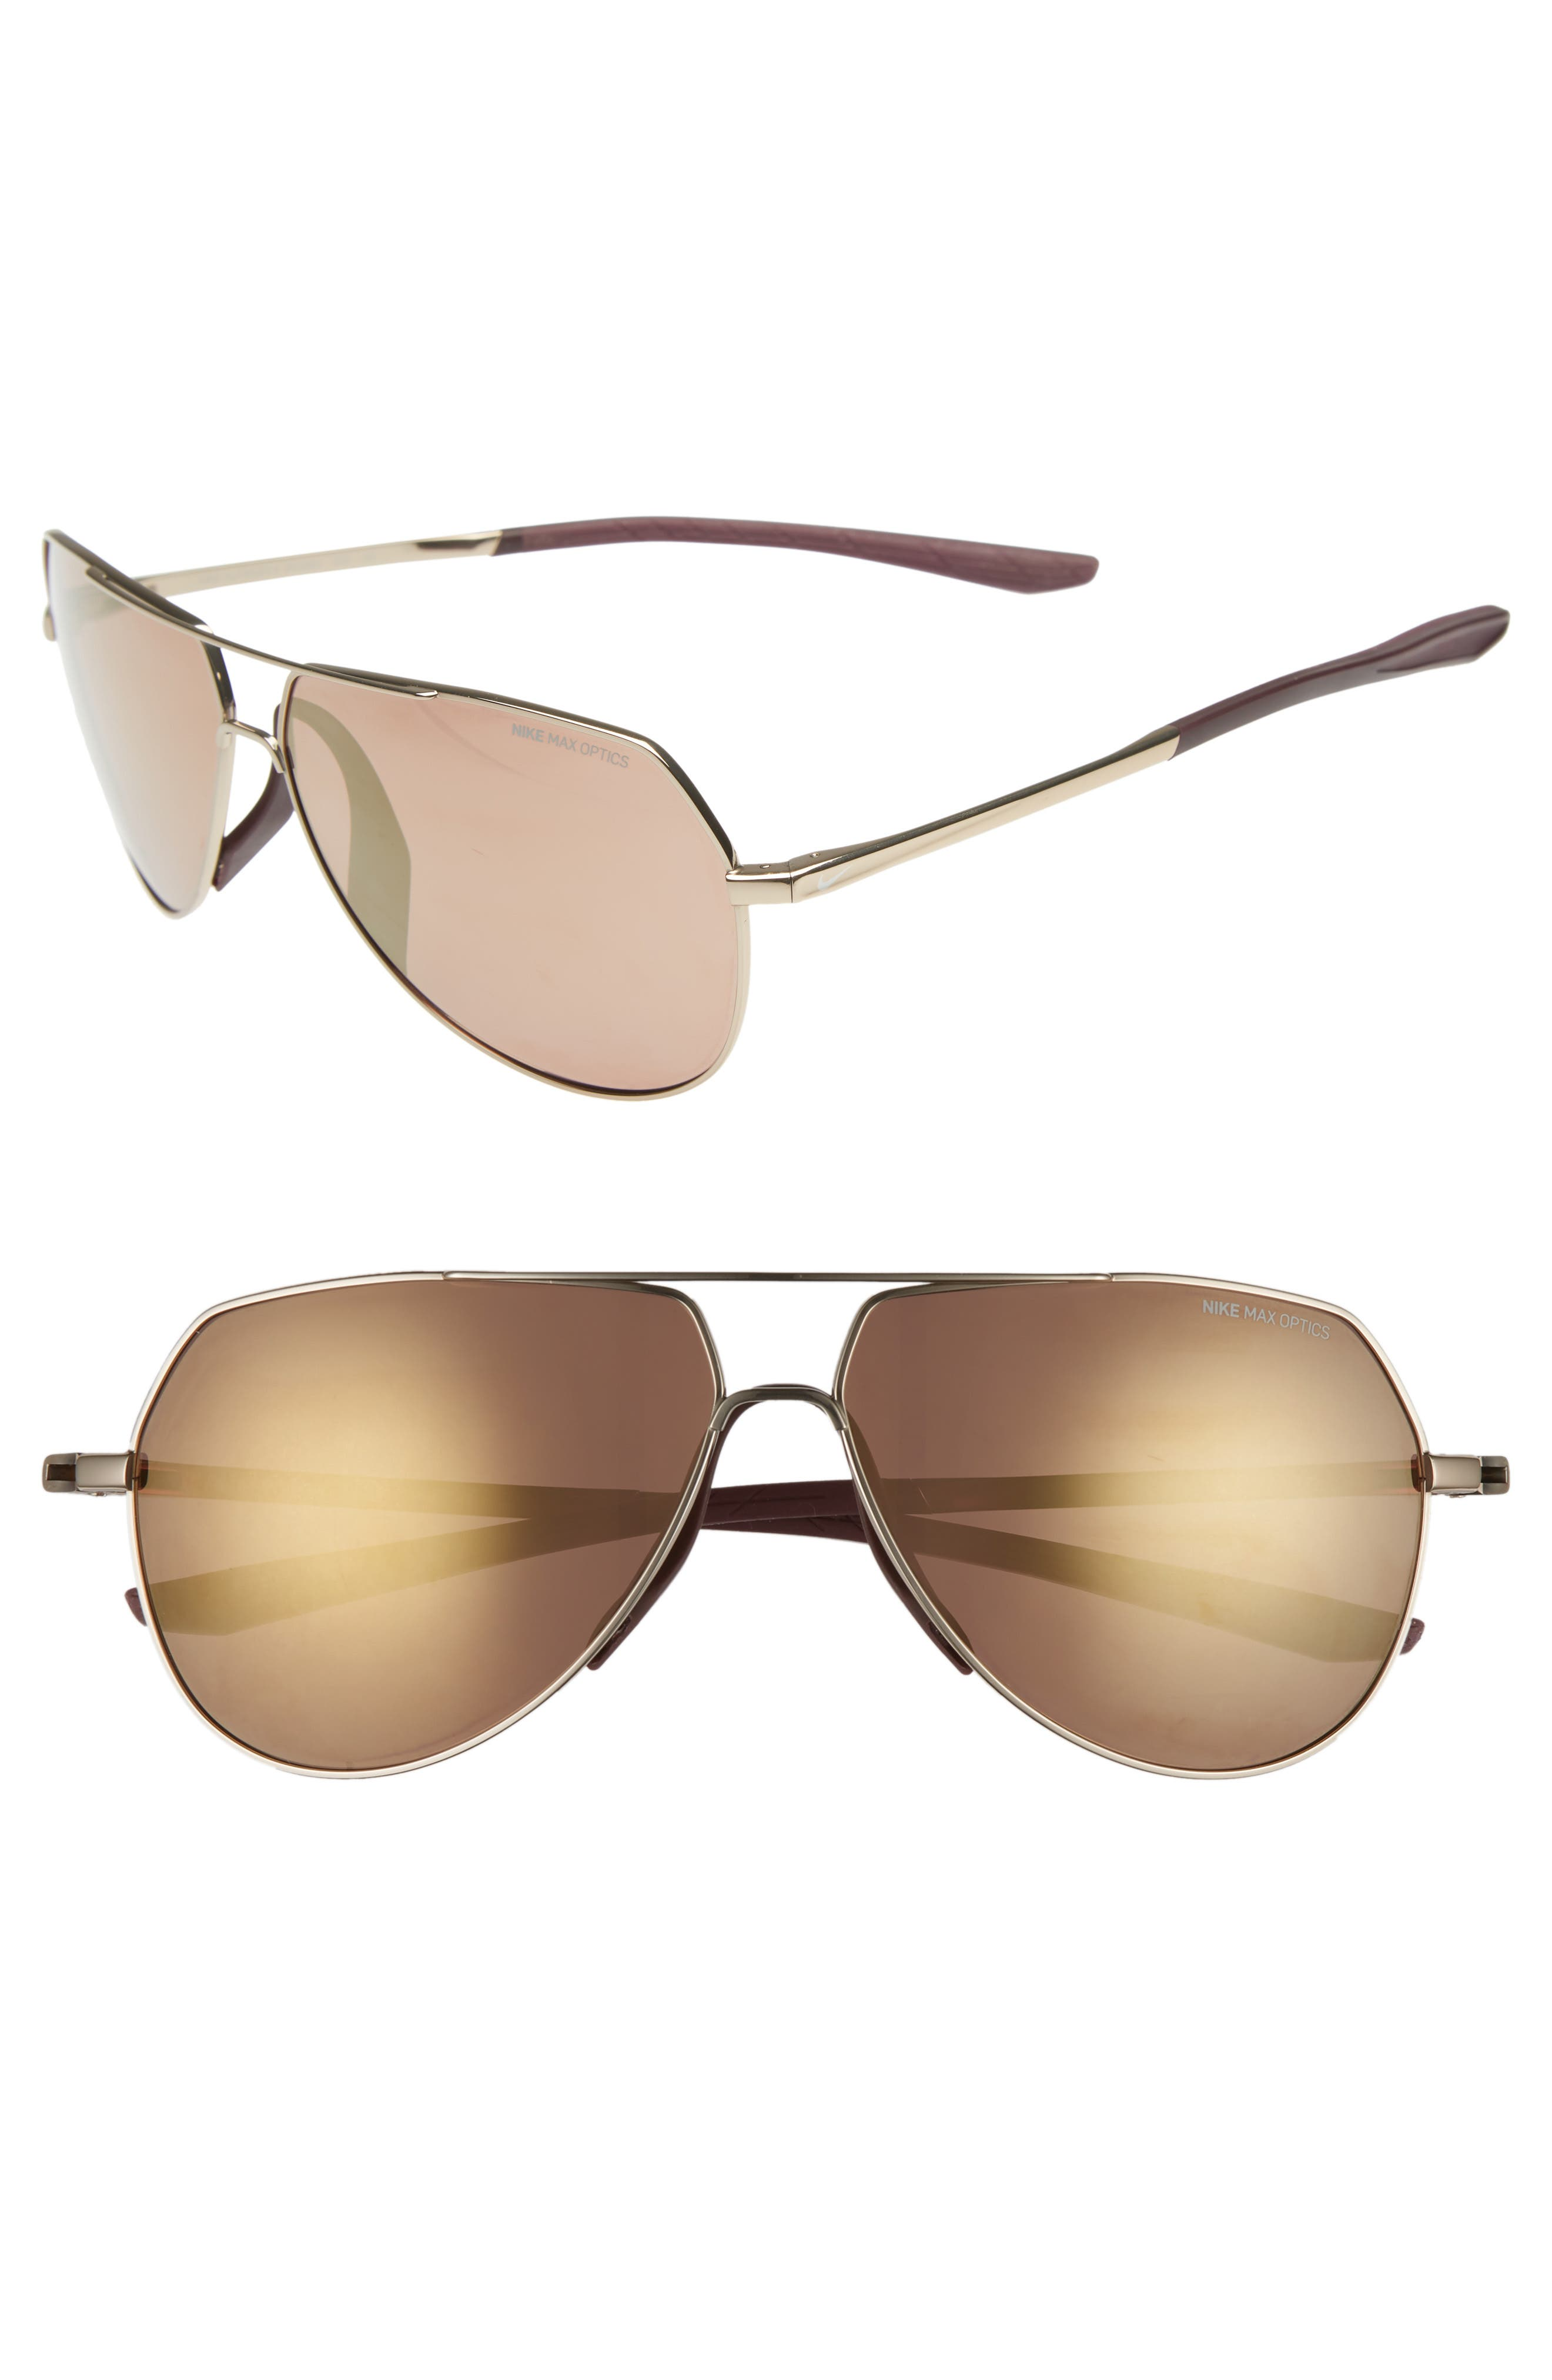 Nike Outrider E 62Mm Oversize Aviator Sunglasses - Copper/ Brown Bronze